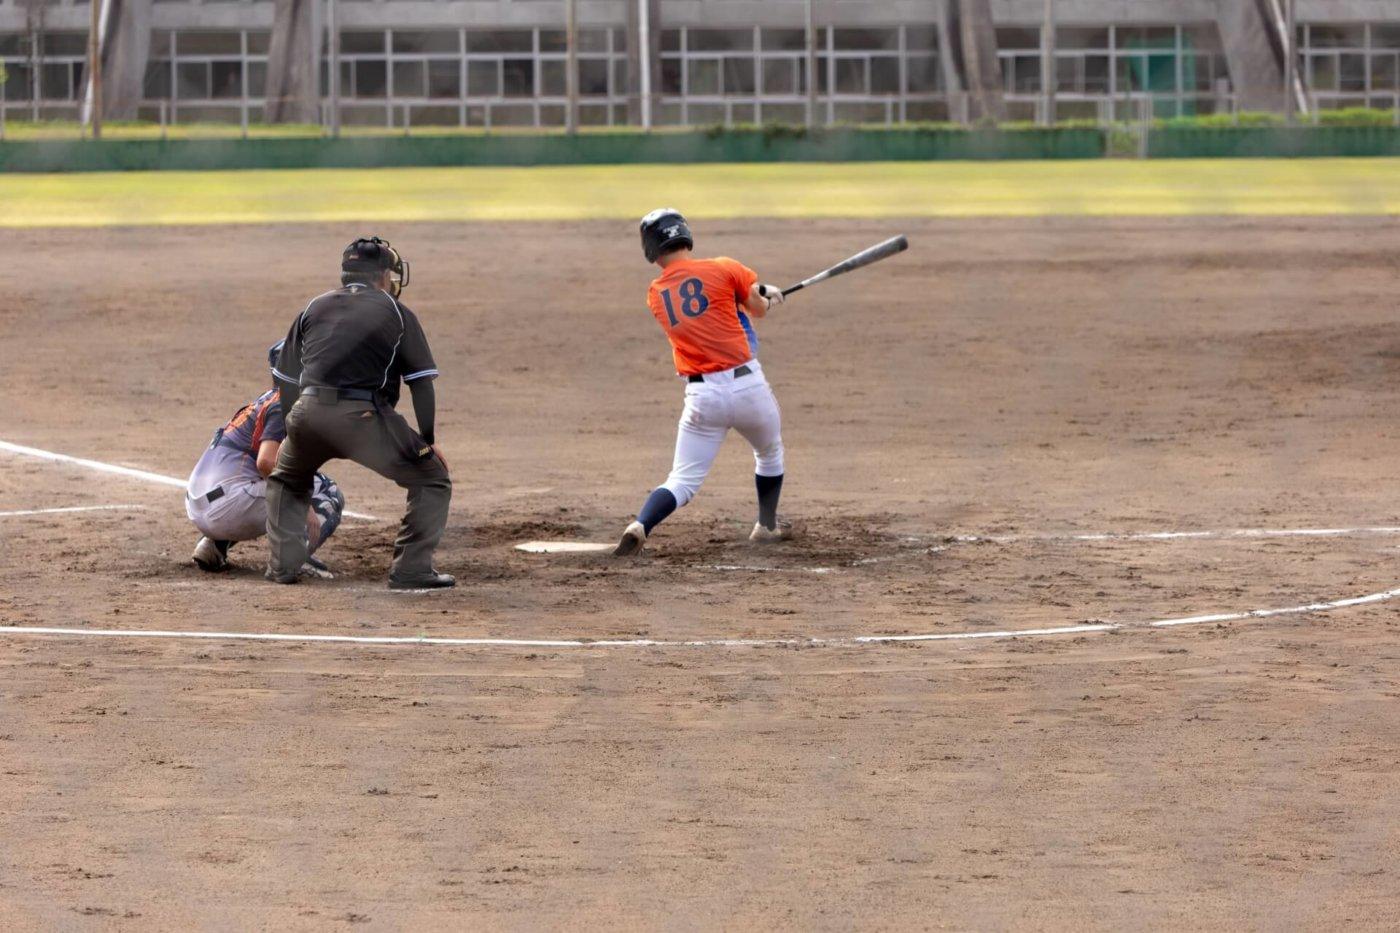 ソフトボールの正しい打ち方とバッティング技術を上げるトレーニング法とは